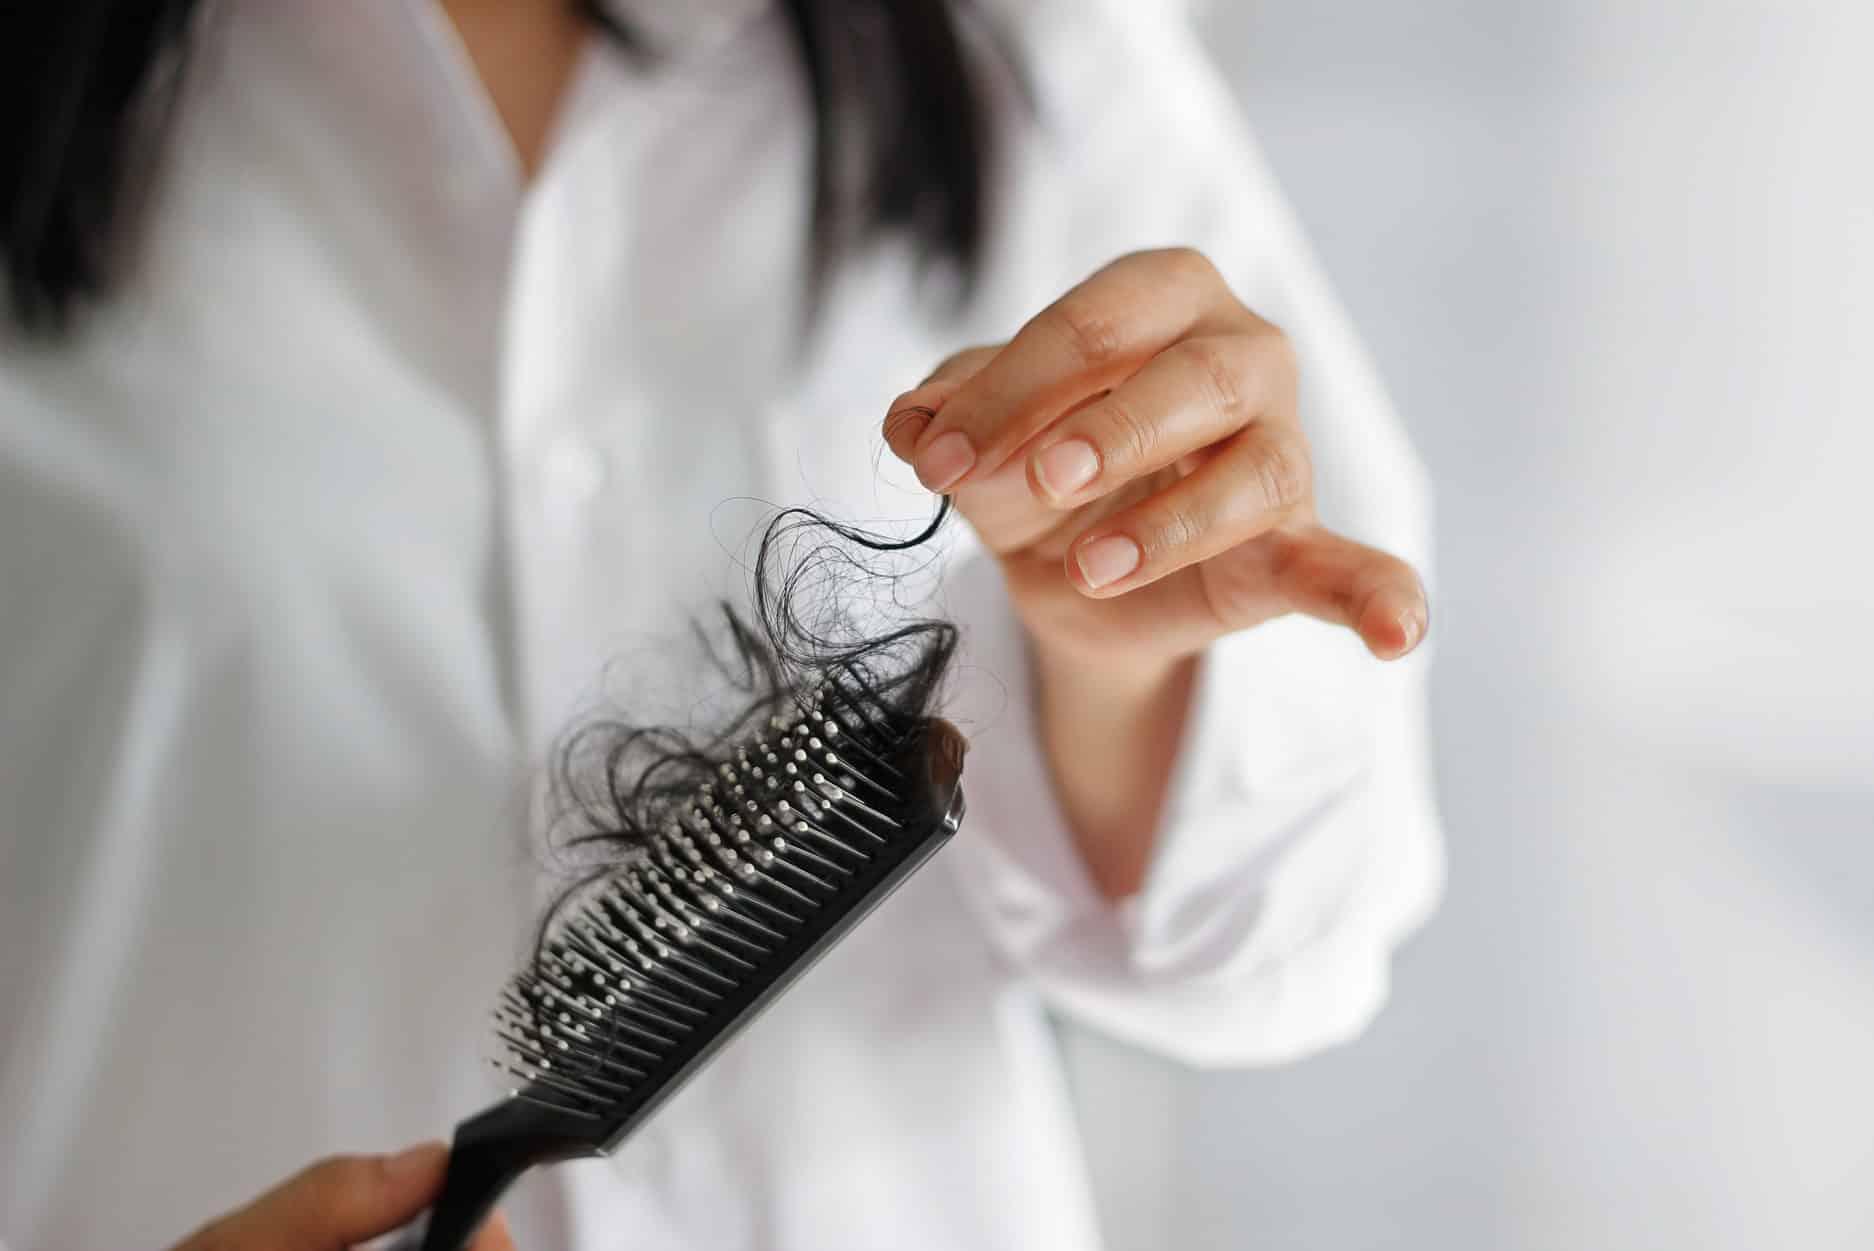 Смена волос на голове - это цикличный процесс